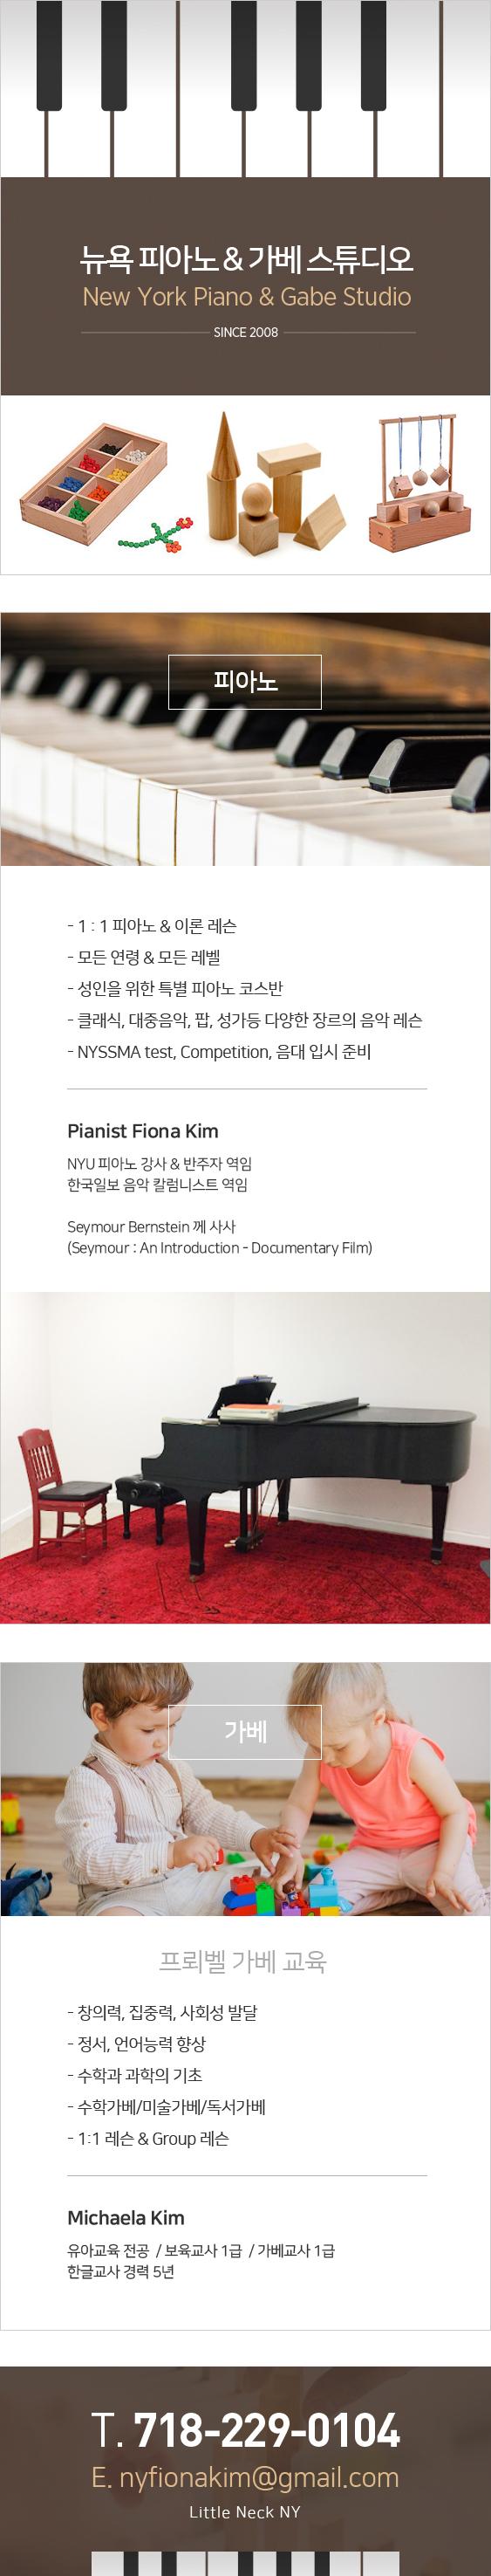 뉴욕 피아노 & 가베 스튜디오 | 뉴욕 피아노레슨, 뉴욕 가베 교육, 리틀넥 피아노, 리틀